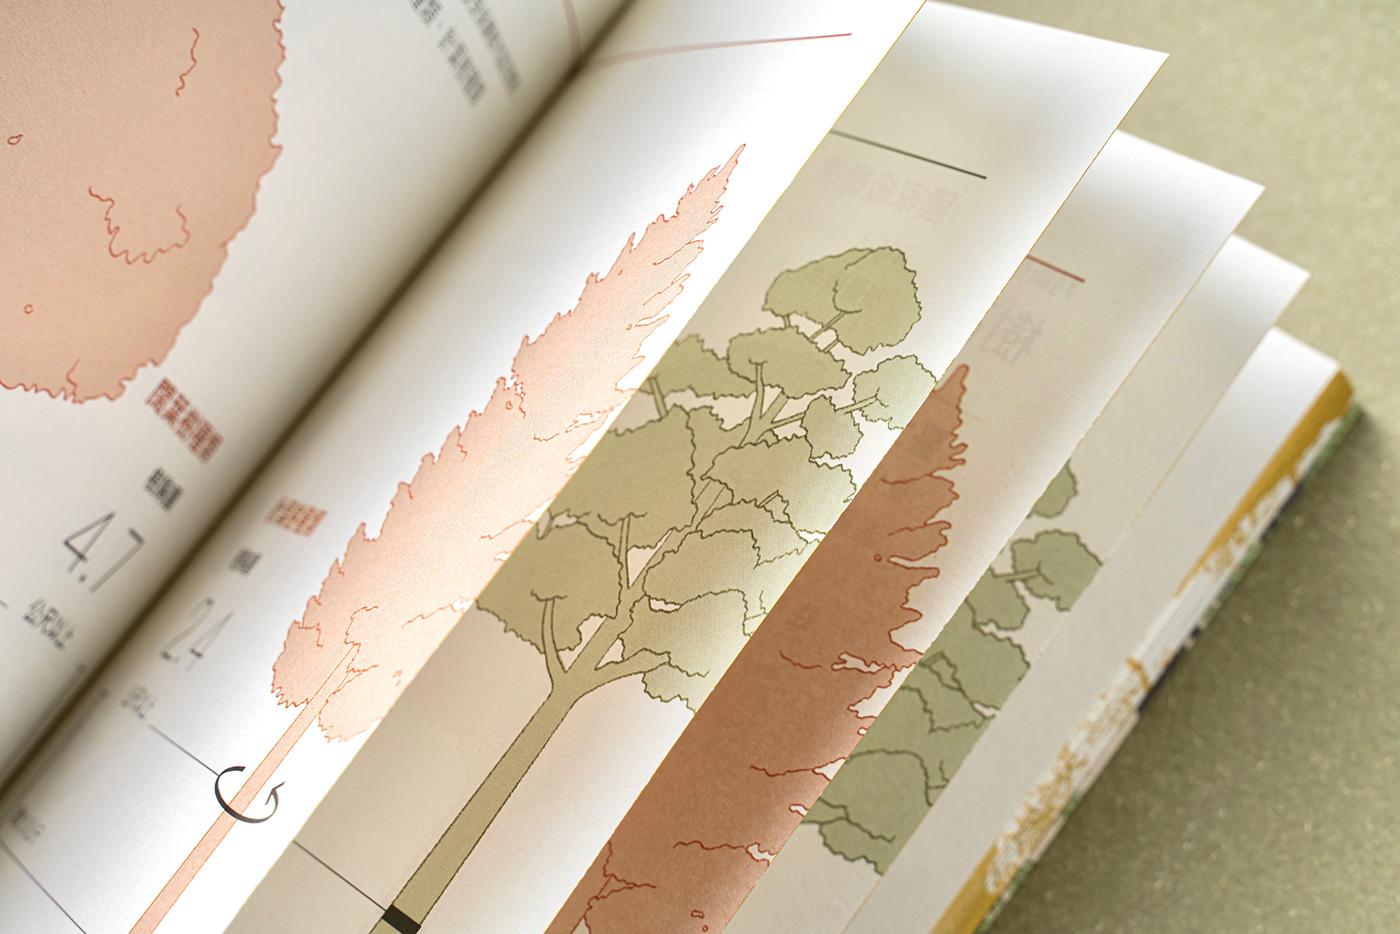 臺北,臺灣,樹木,自然,印刷,編輯,設計